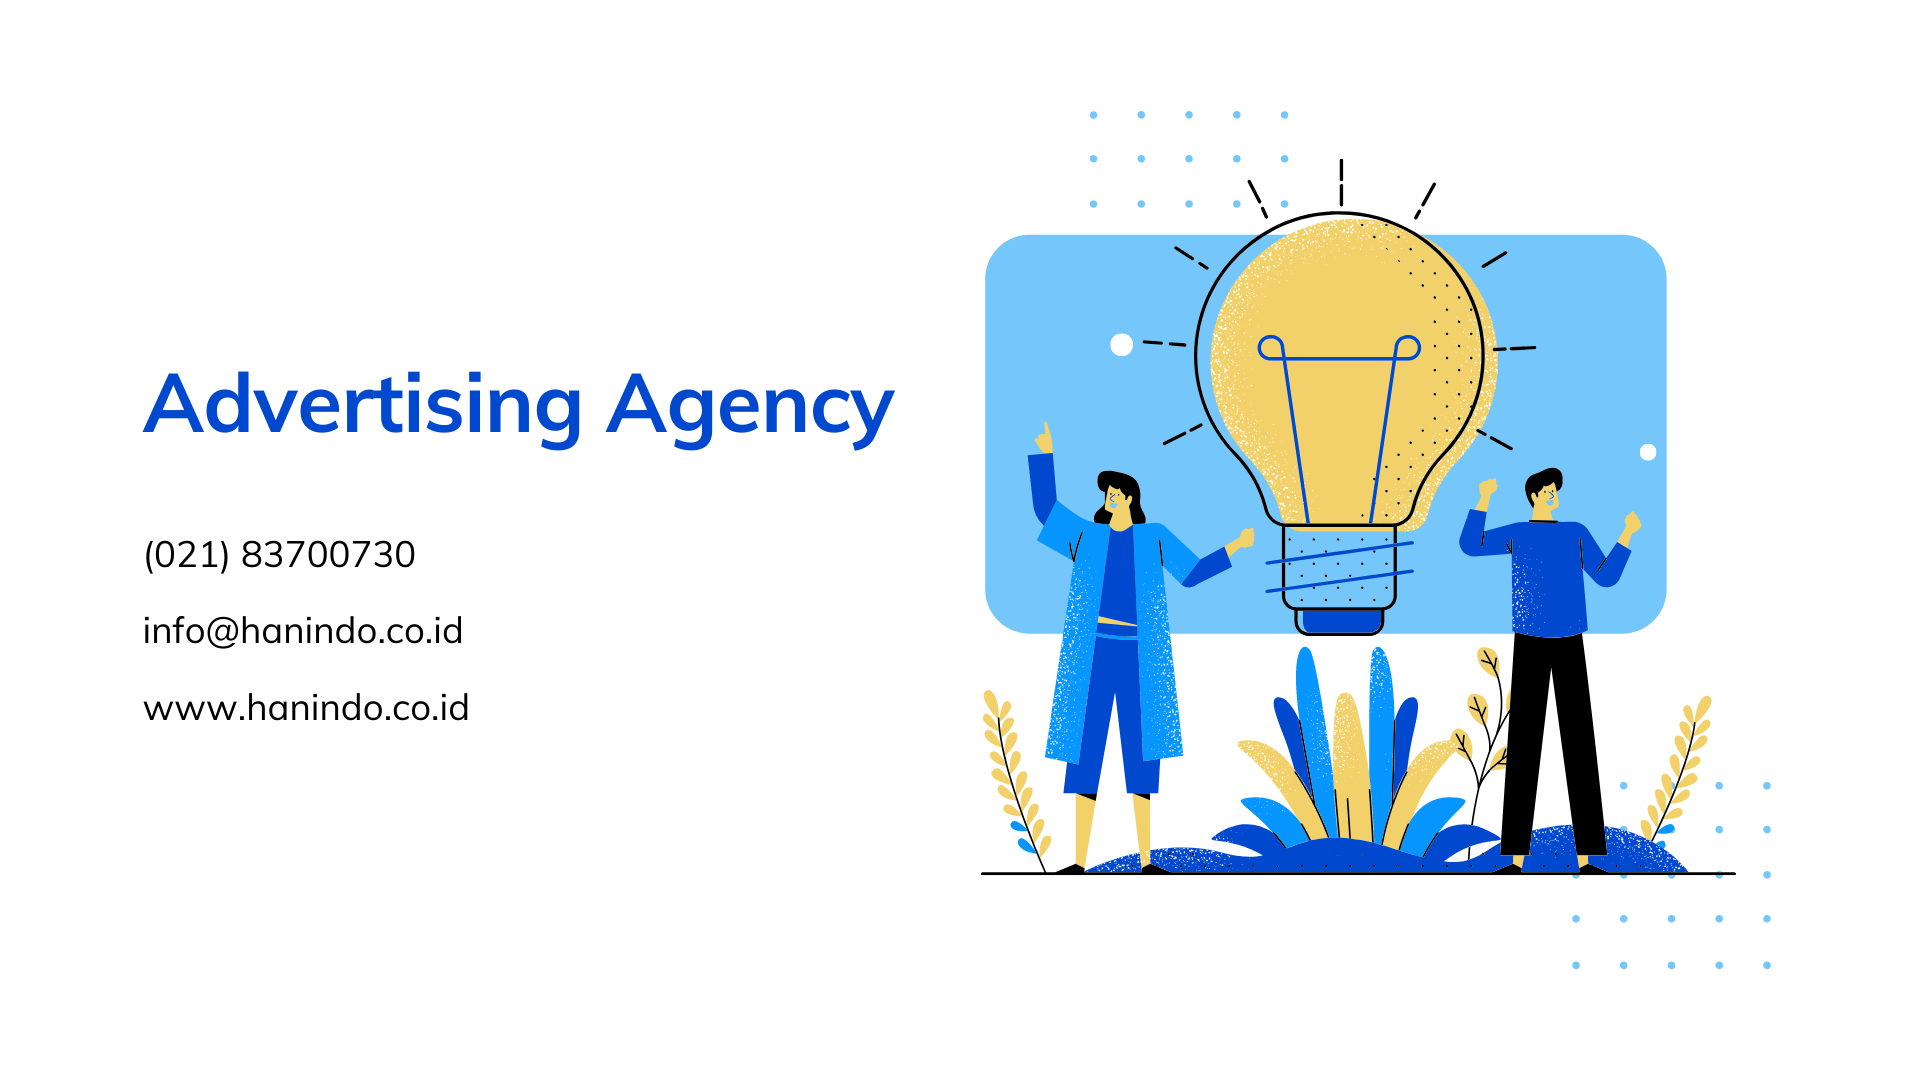 Bagaimana Peran Advertising Agency Dalam Membangun Citra Bisnis Perusahaan Di Tahun 2020